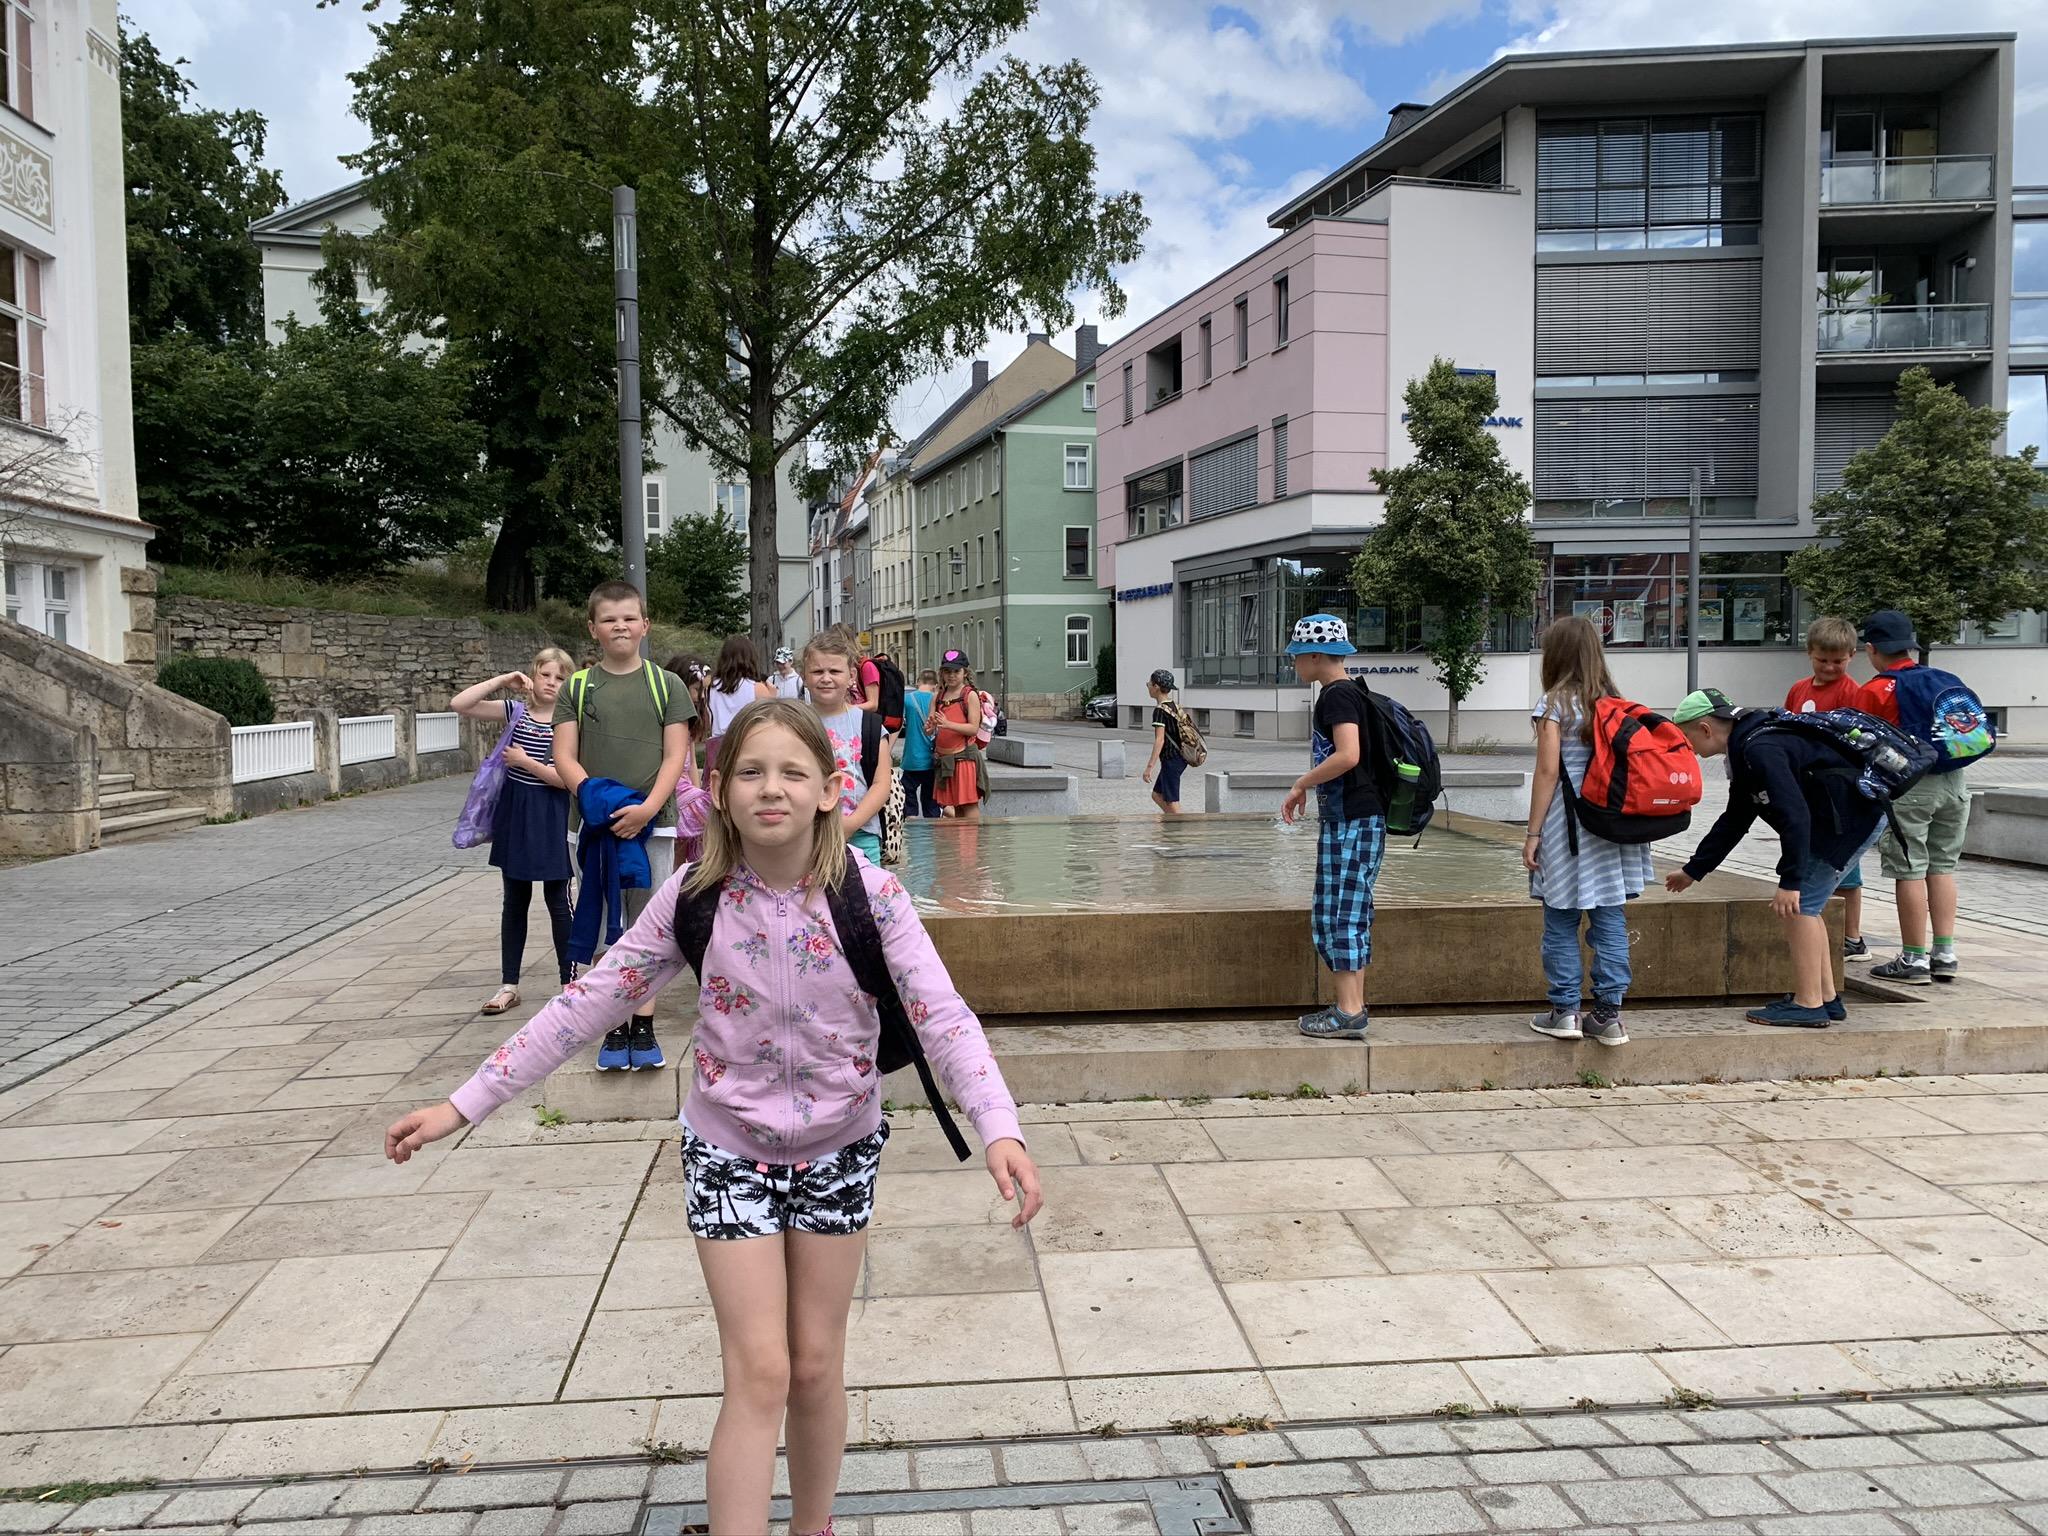 Stadtbummel in Jena